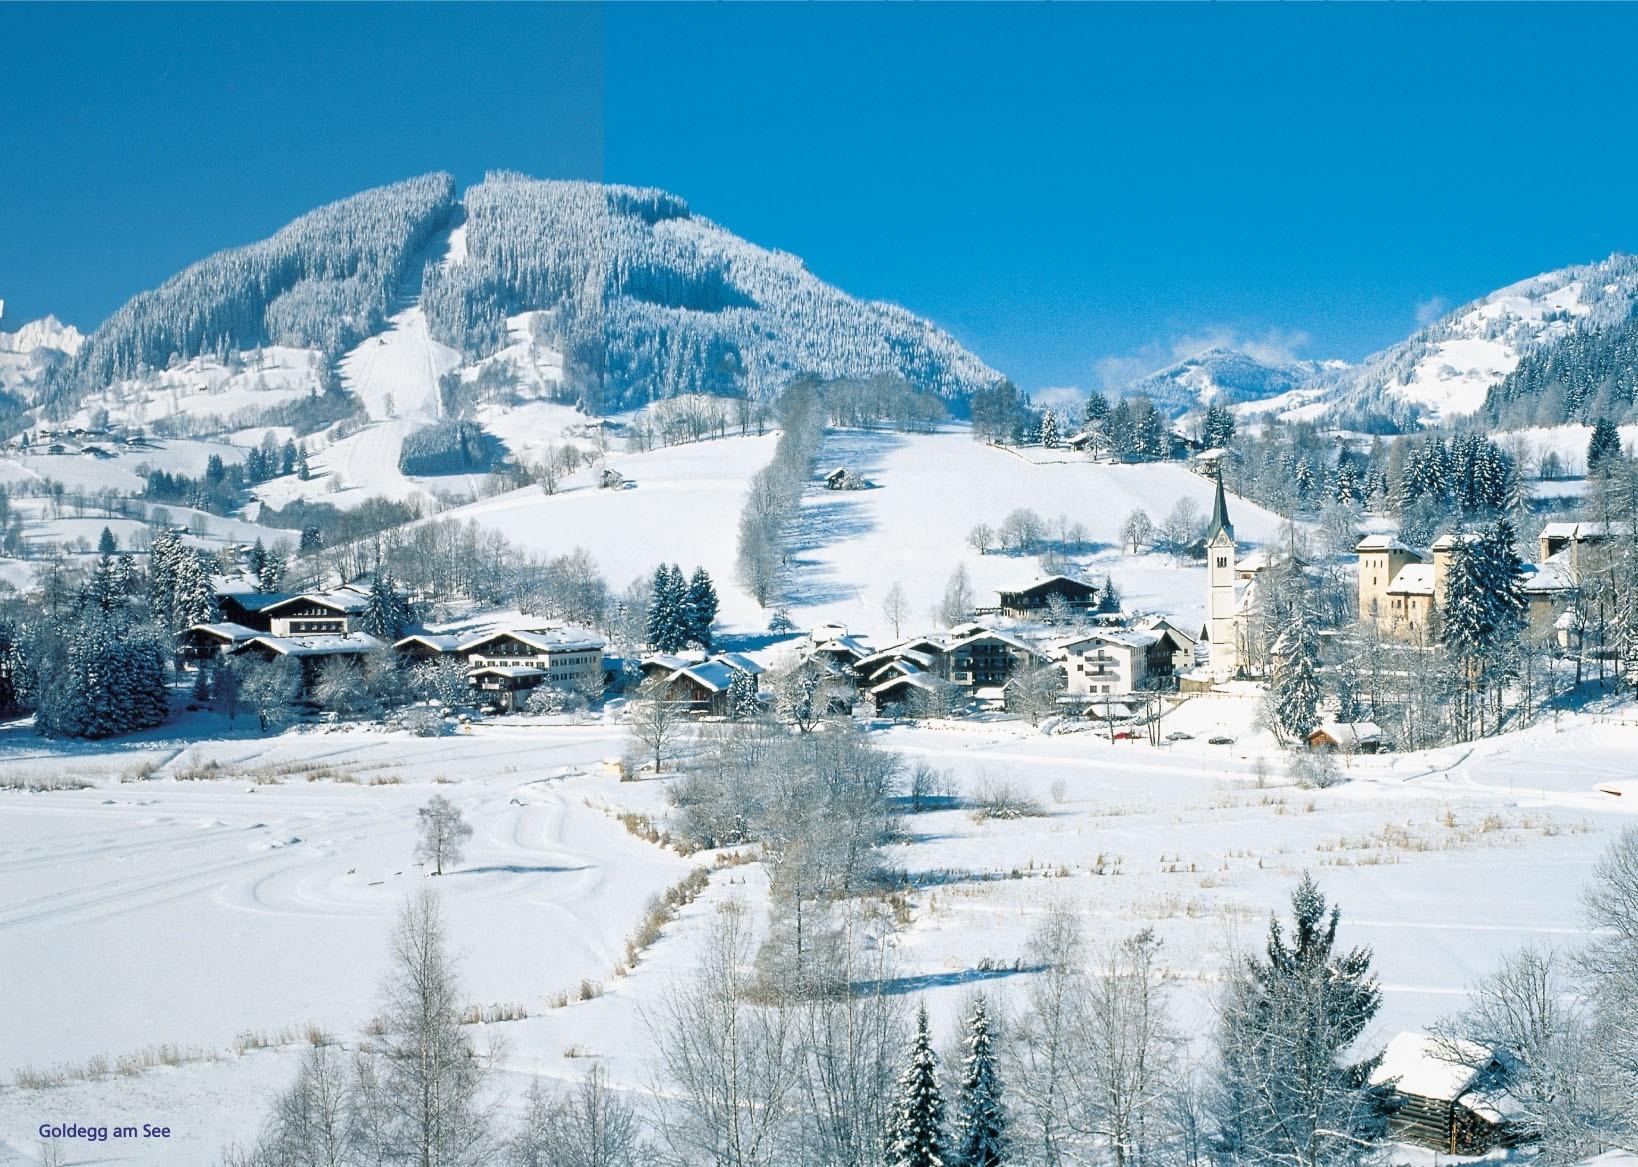 Ski resort Goldegg